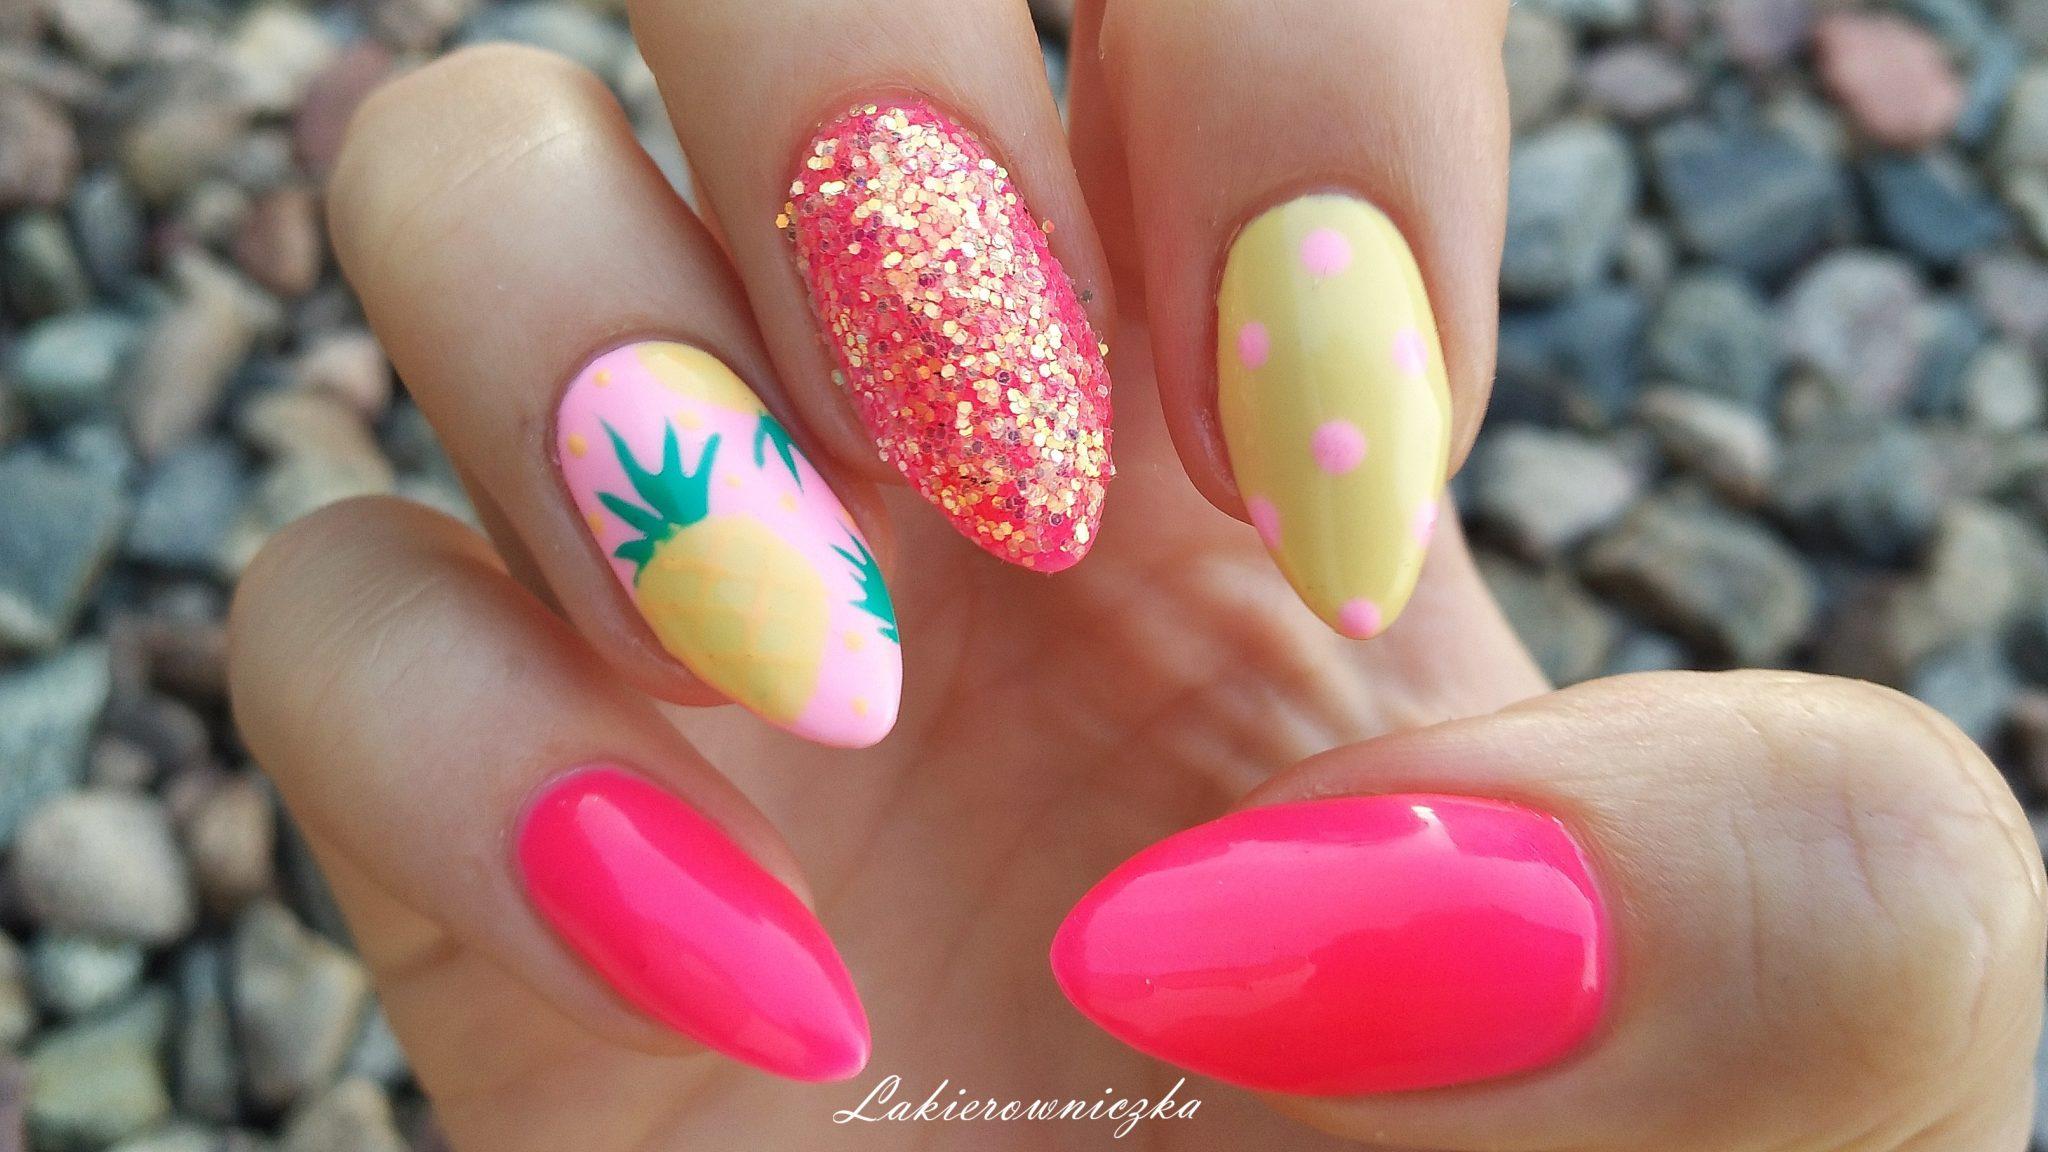 neonowe-paznokcie-Lakierowniczka-Provocater-sequin-ananasowe-paznokcie-hybrydowe-ananasy na paznokciach